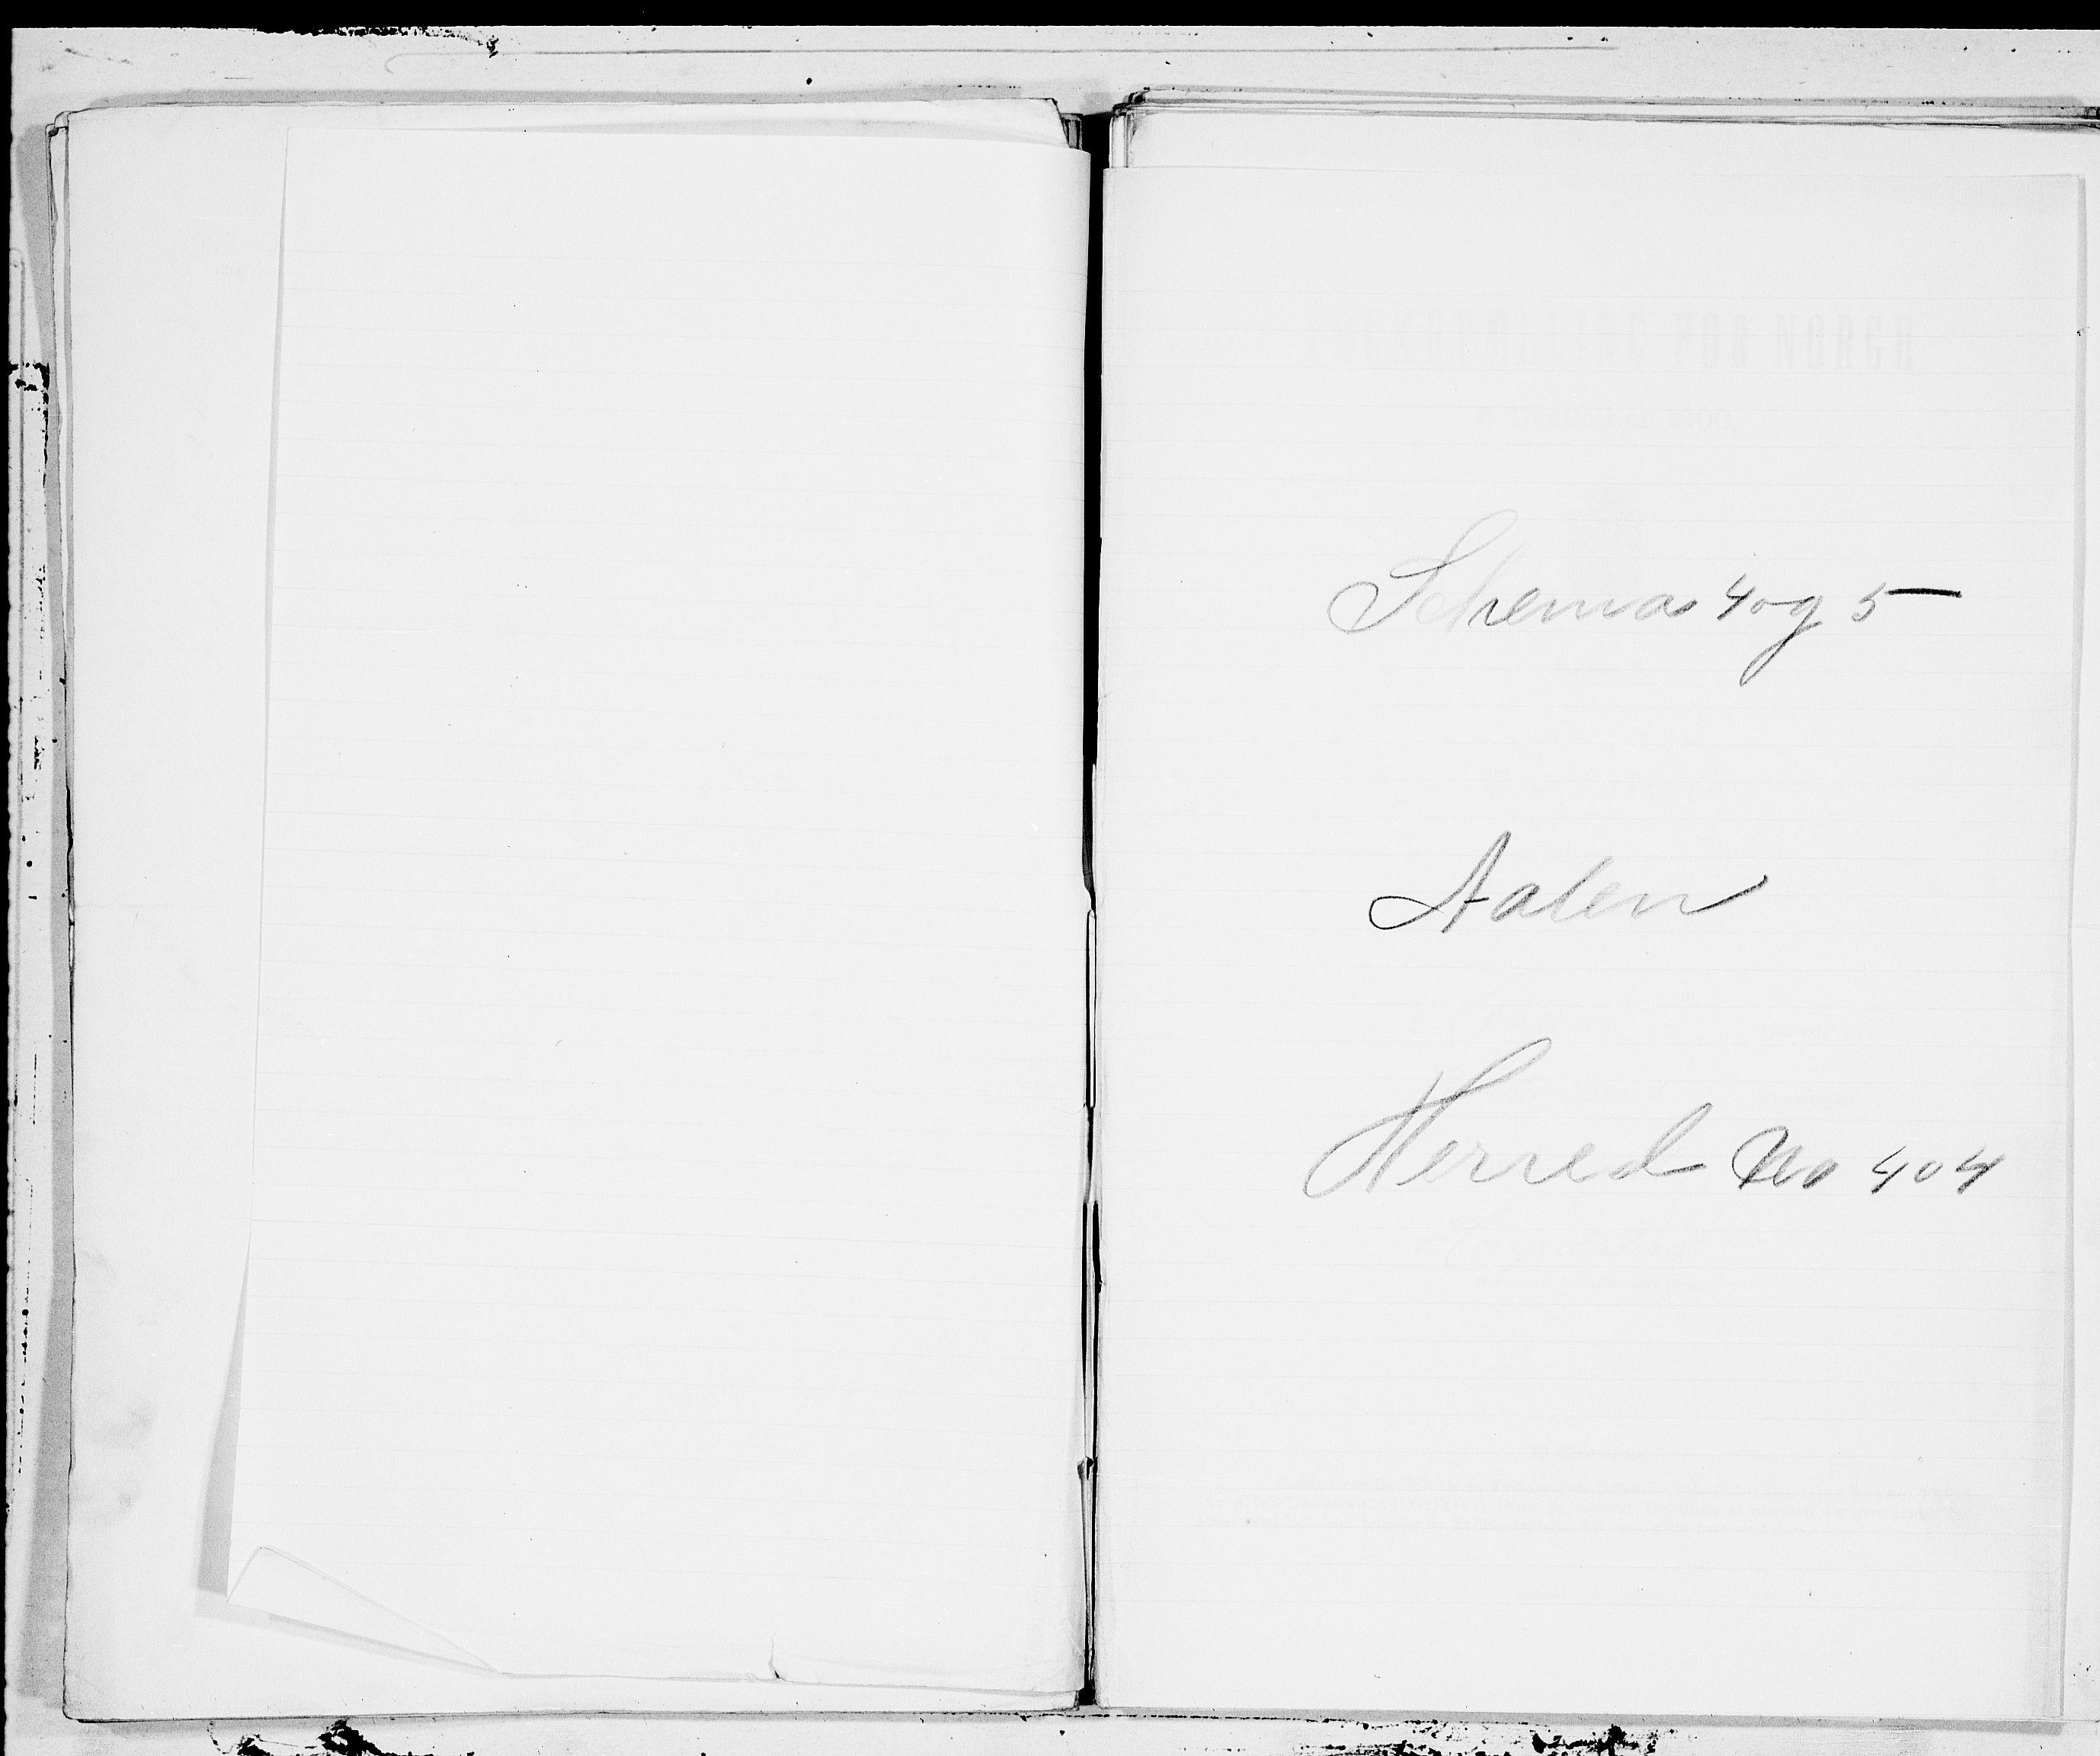 SAT, Folketelling 1900 for 1644 Ålen herred, 1900, s. 1